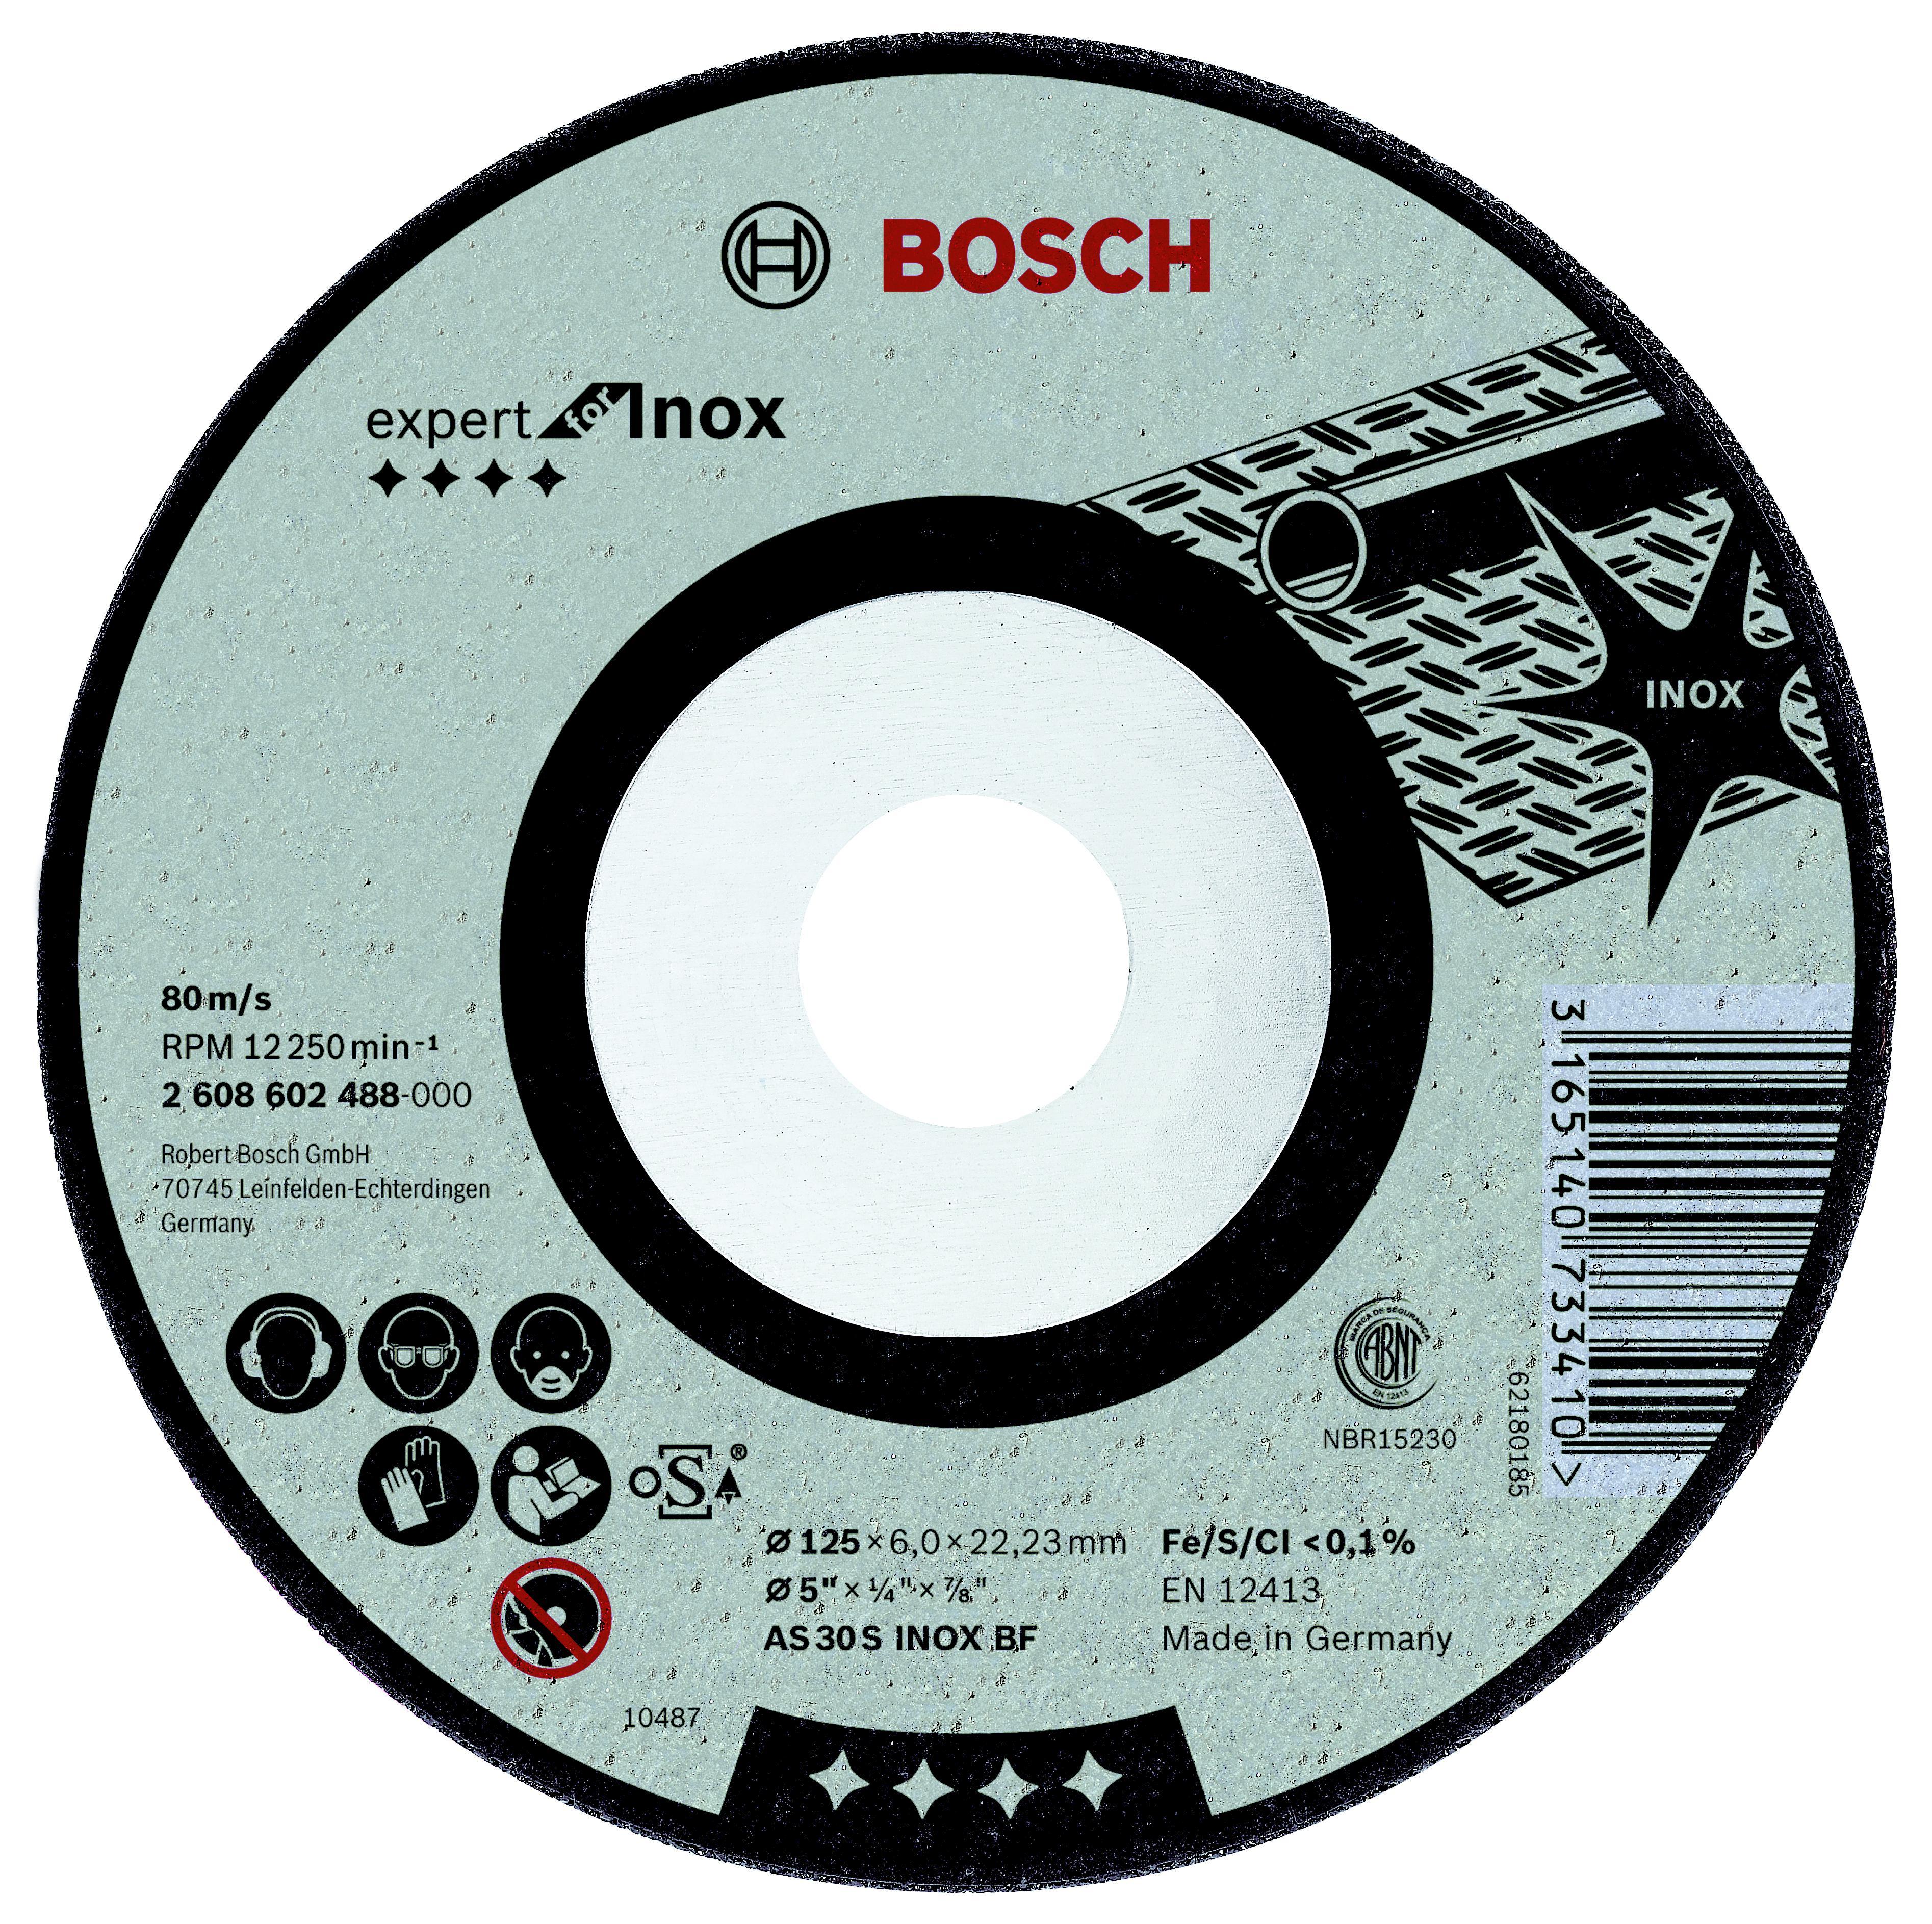 Круг зачистной Bosch Expert for inox 125x6x22по нерж. (2.608.602.488) круг зачистной обдирочный для нержавейки 150х22х6 мм inox bosch профи